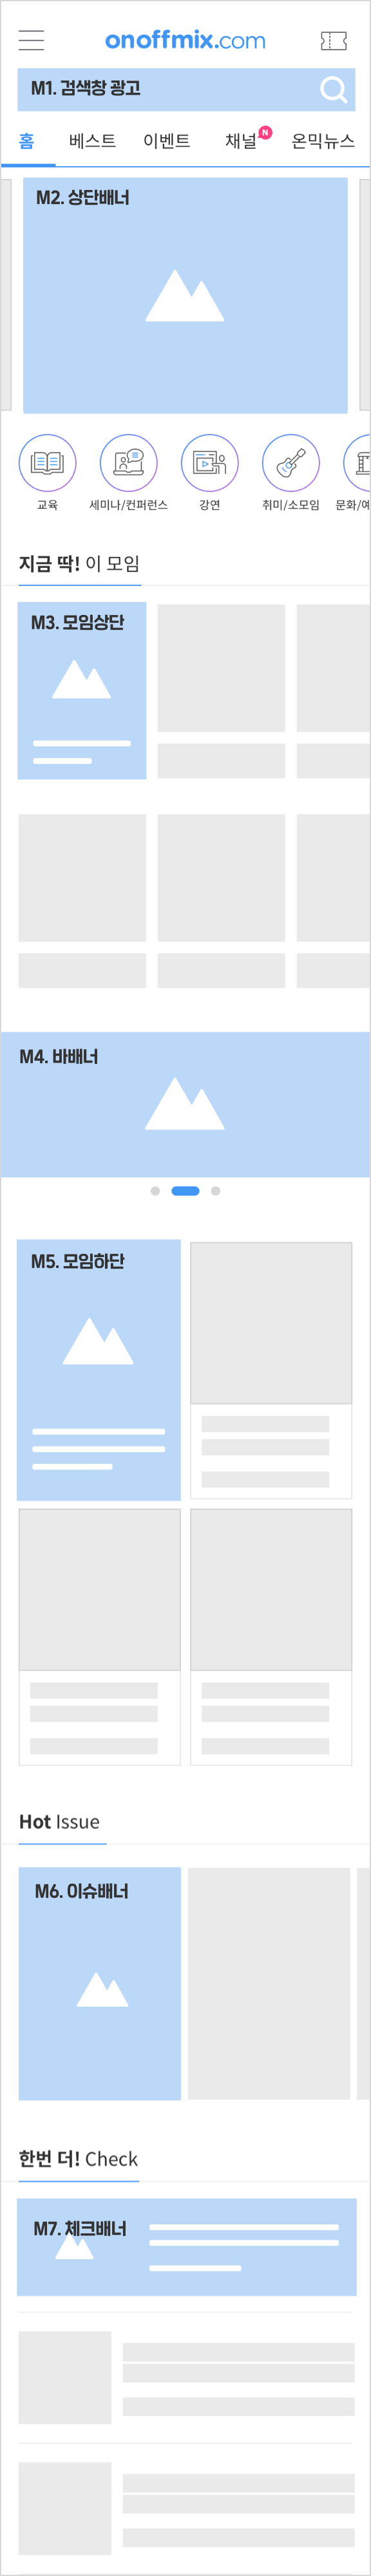 메인 페이지 광고